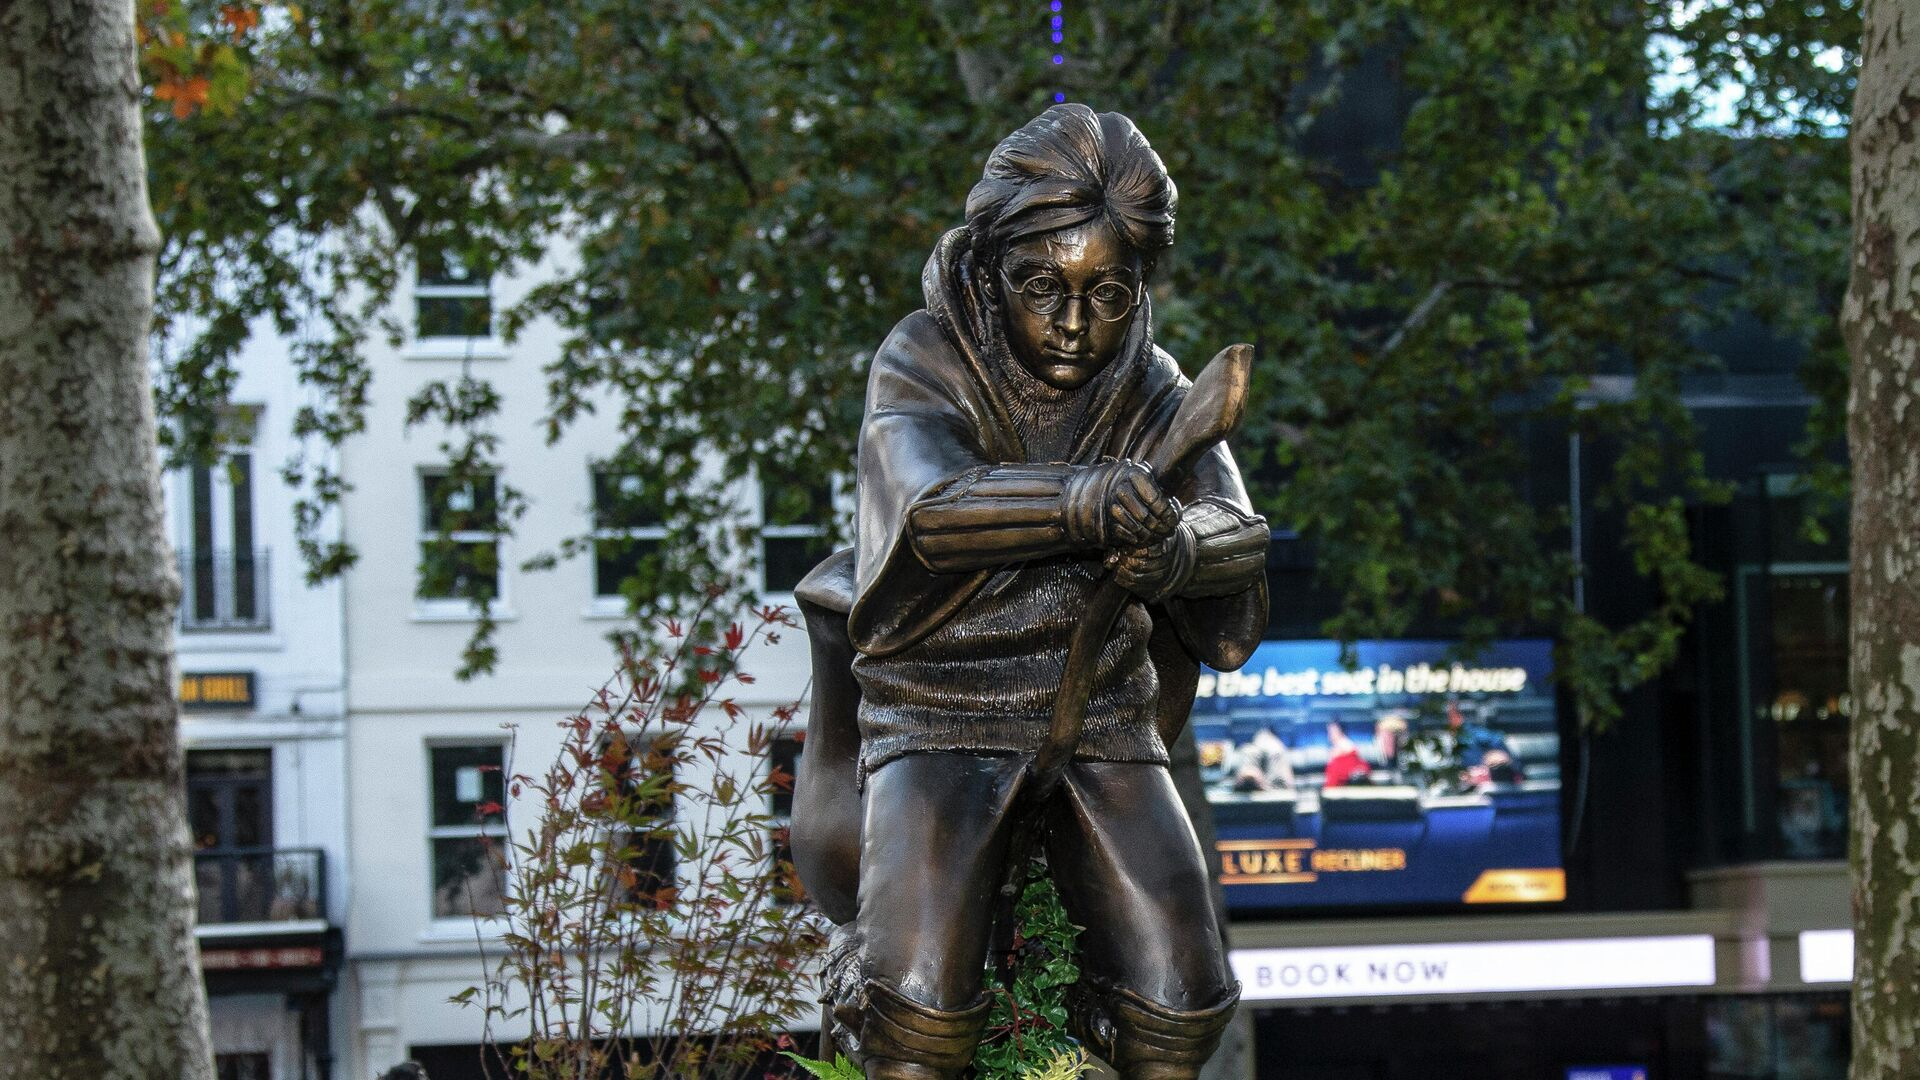 Памятник Гарри Поттеру появился в центре Лондона на площади Лестер-сквер.